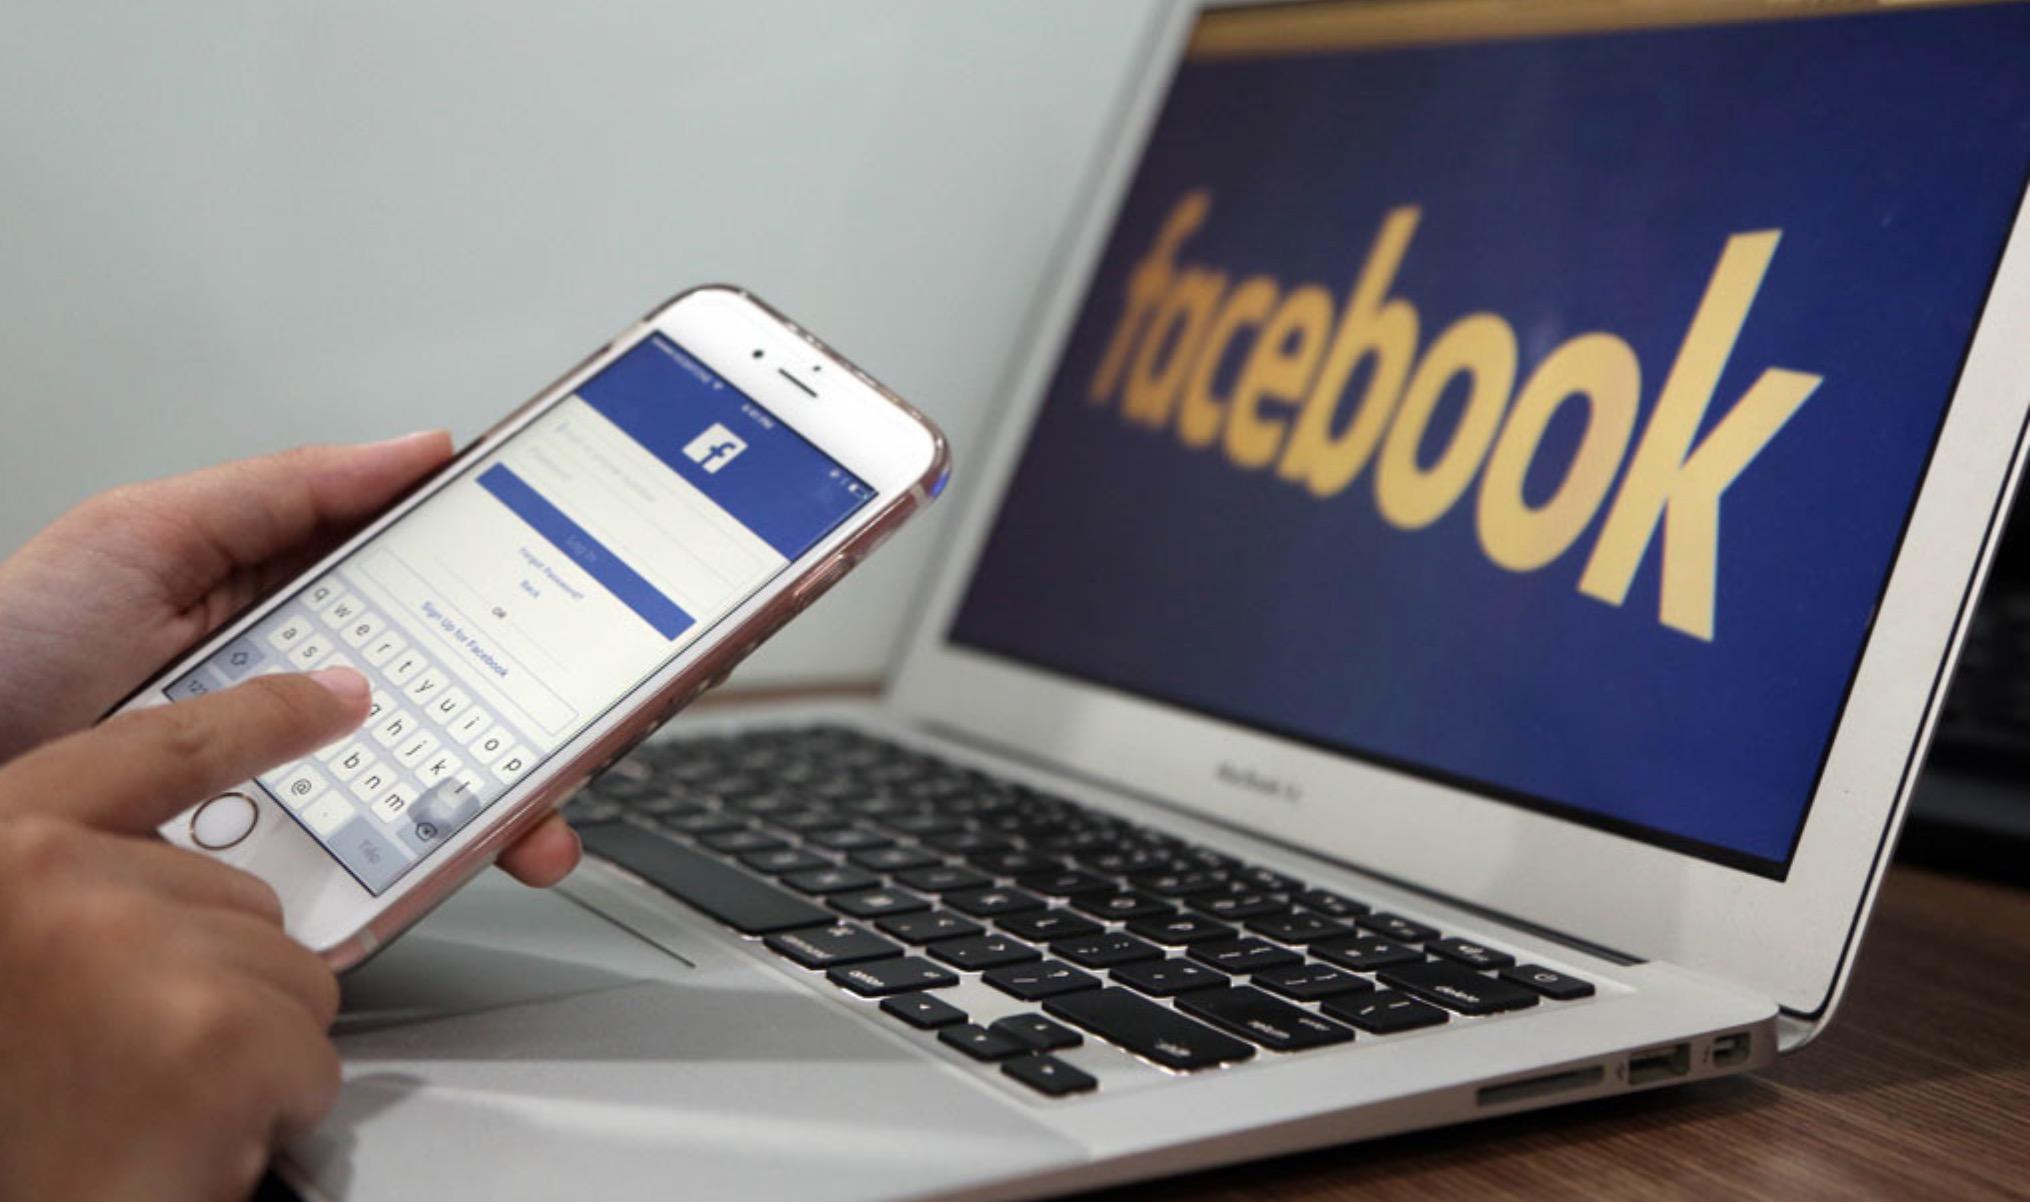 20 nhóm hành vi cấm thực hiện trên mạng từ 1/1/2019 khi Luật An ninh mạng chính thức có hiệu lực